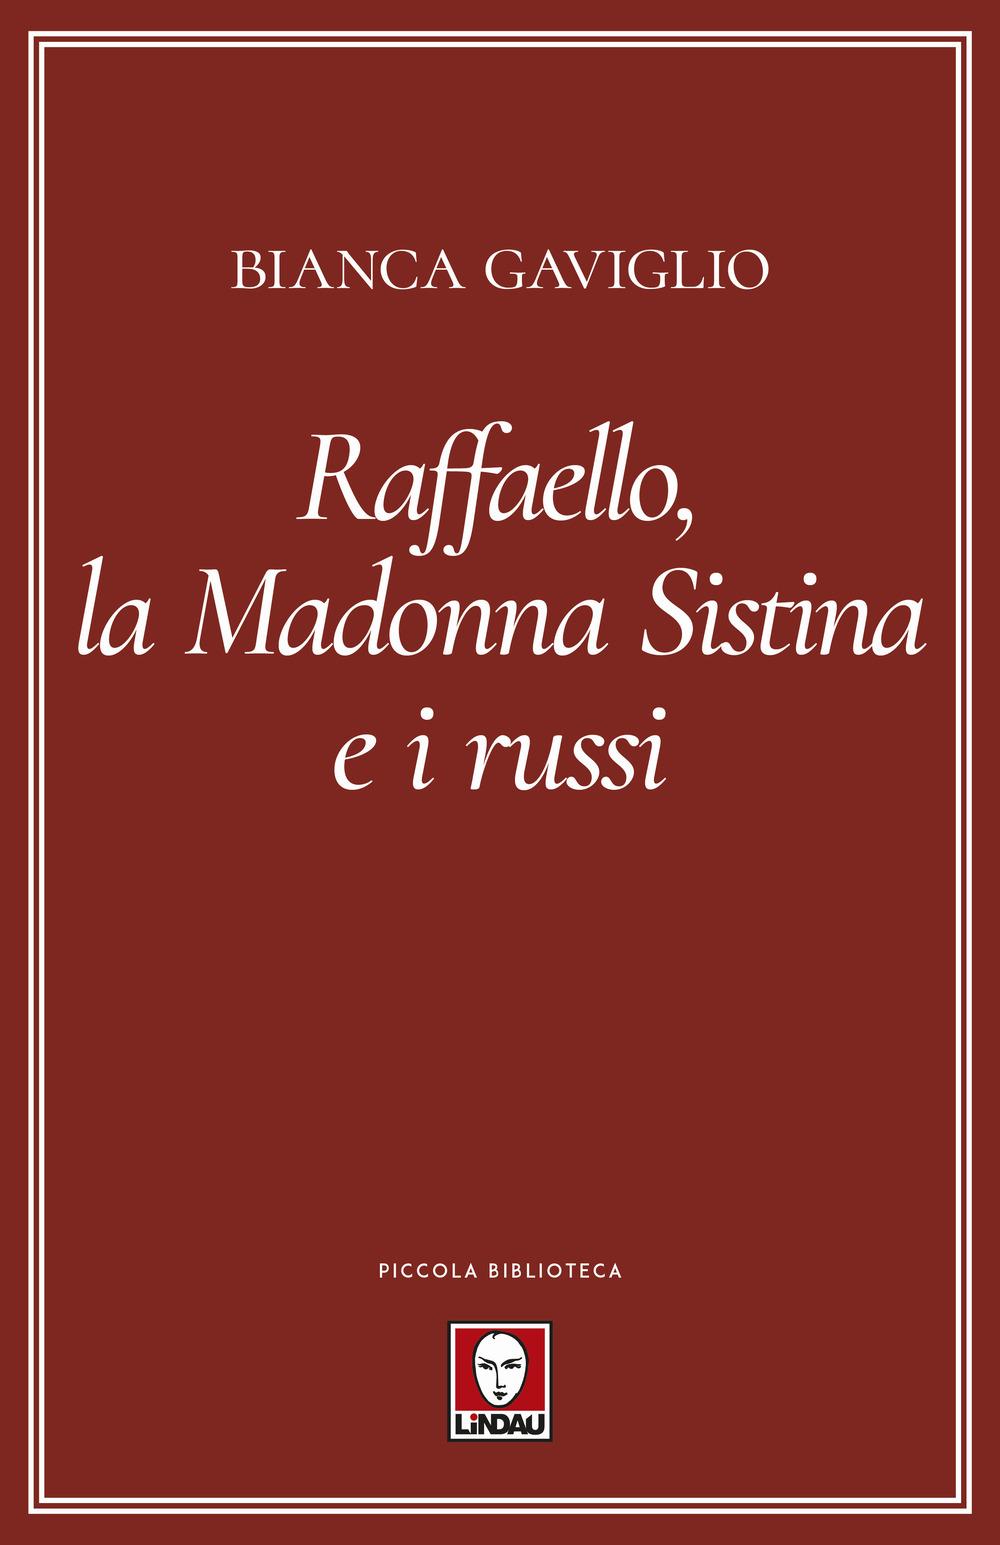 RAFAELLO, LA MADONNA SISTINA E I RUSSI - 9788833533360